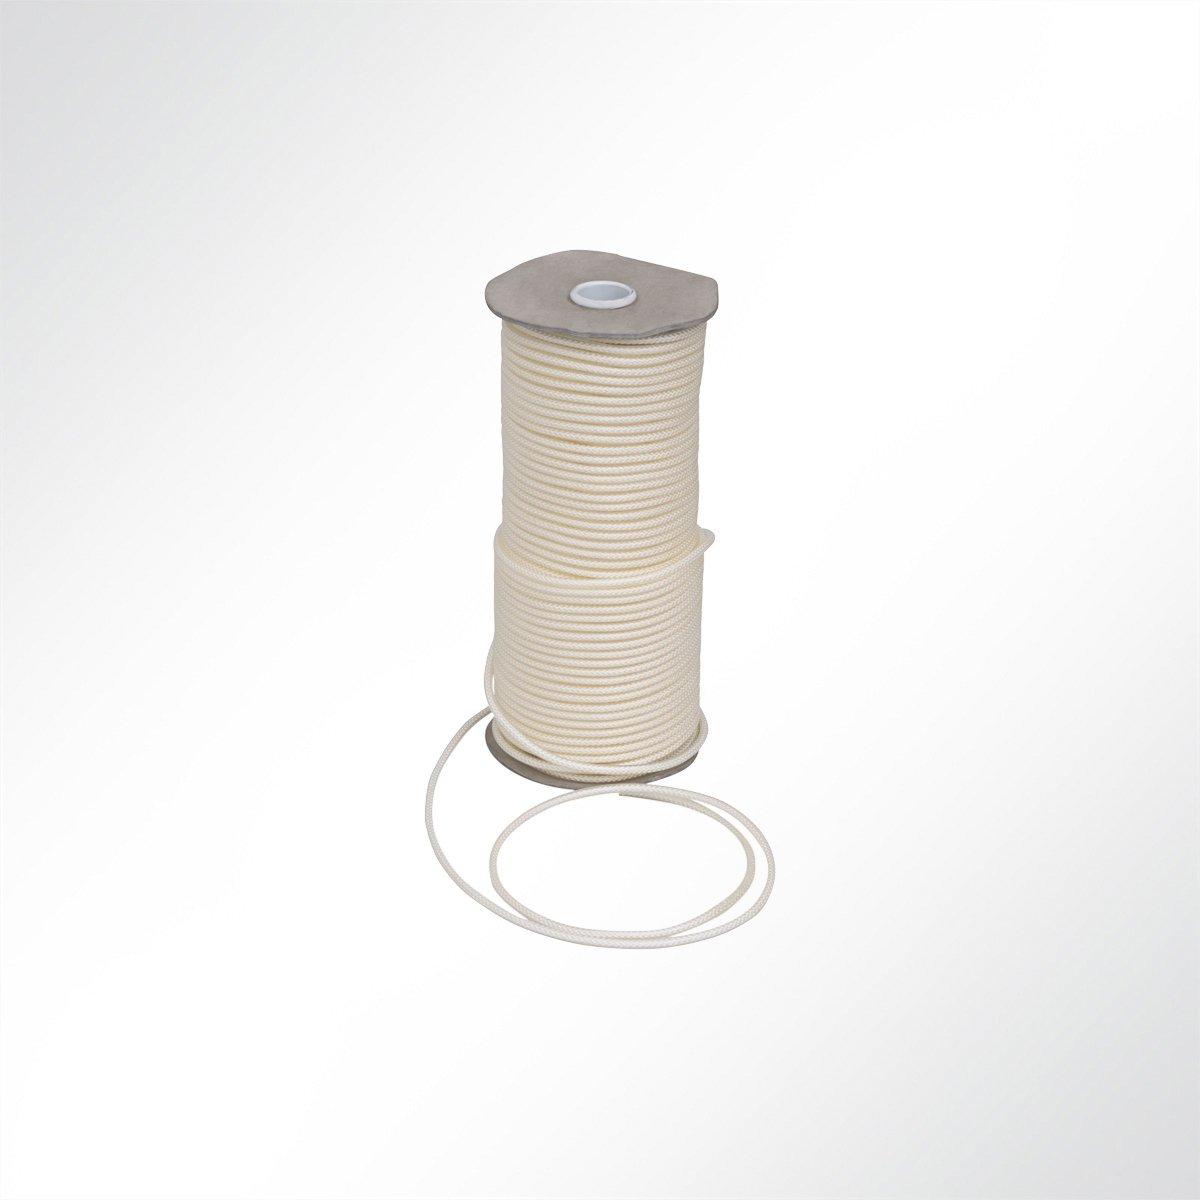 1 m LYSEL Kunststoffplanenseil mit Nylon-Einlage, D 5mm in Transluzent